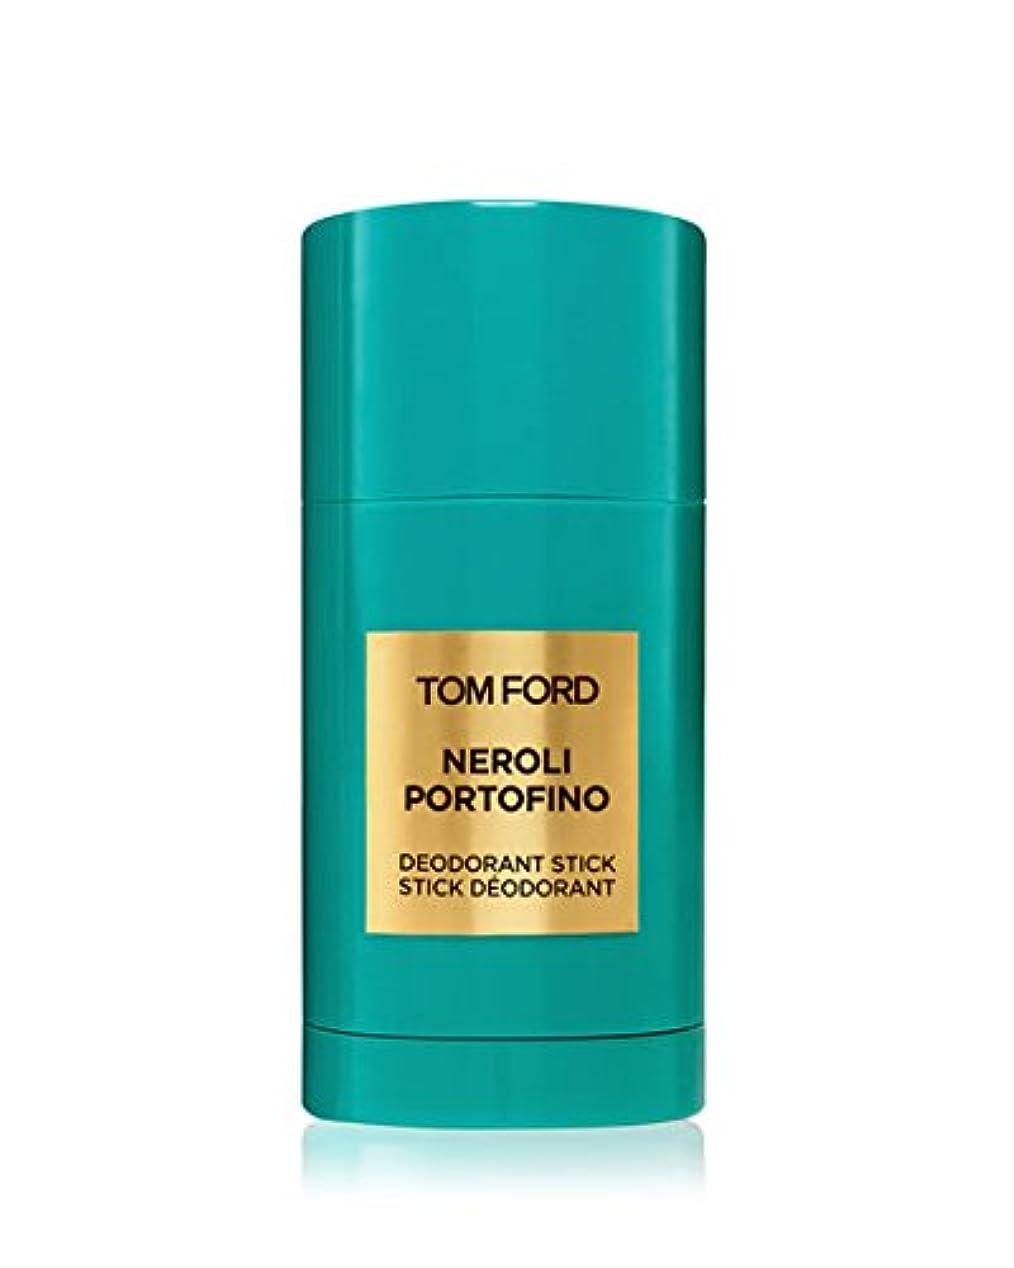 容疑者拡声器軍隊Tom Ford Private Blend 'Neroli Portofino' (トムフォード プライベートブレンド ネロリポートフィーノ) Deodorant Stick (デオドラント スティック)